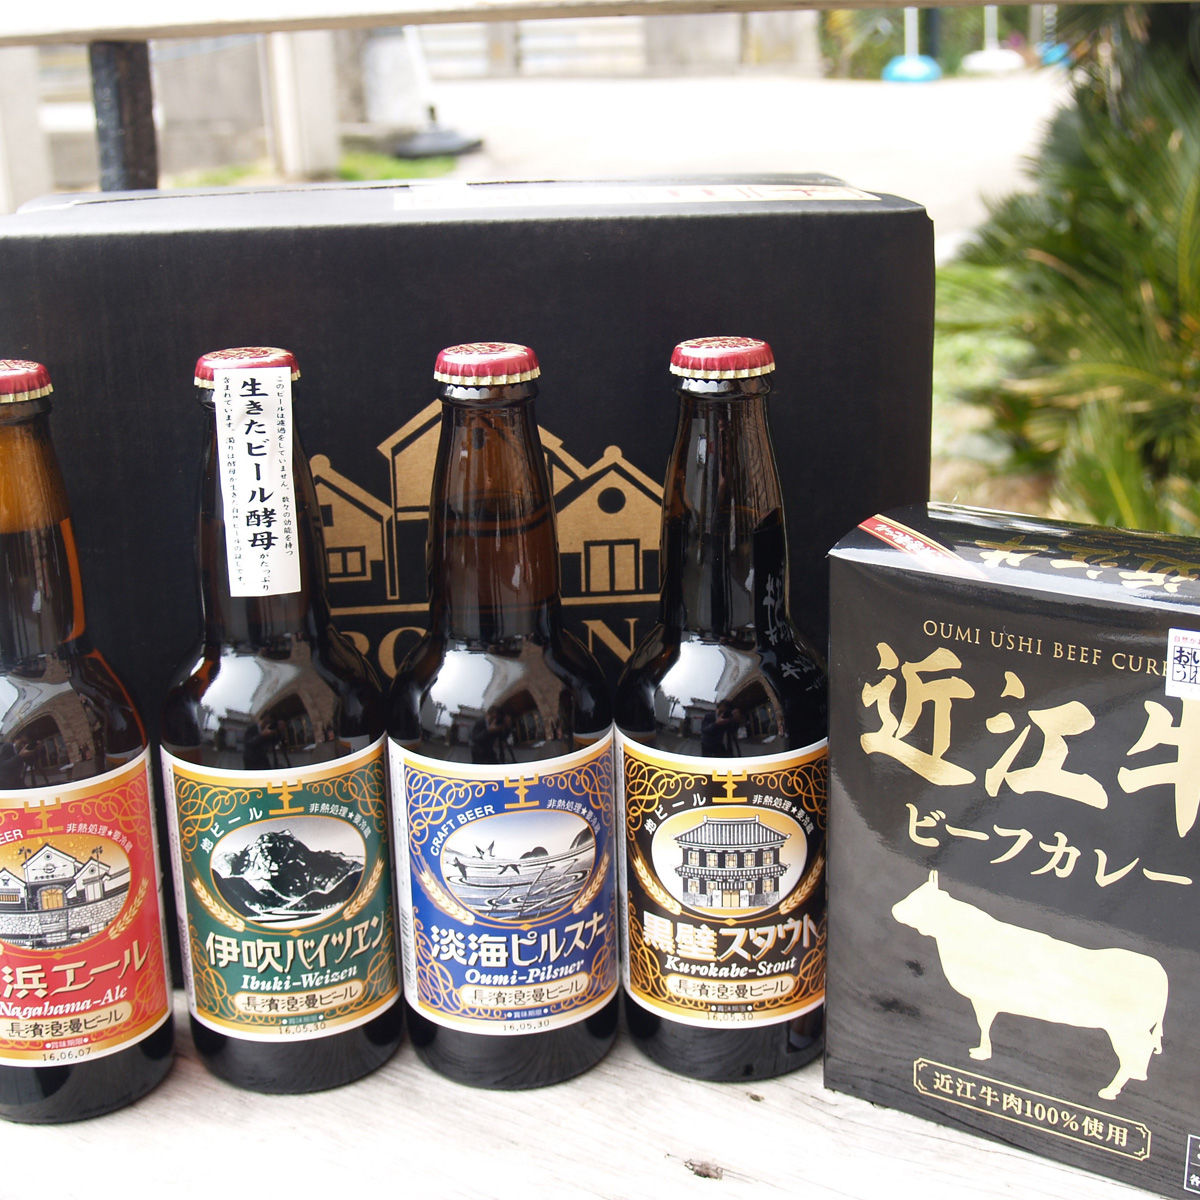 【ふるさと納税】長浜浪漫ビール4本・近江牛カレーセット※着日指定はできません。